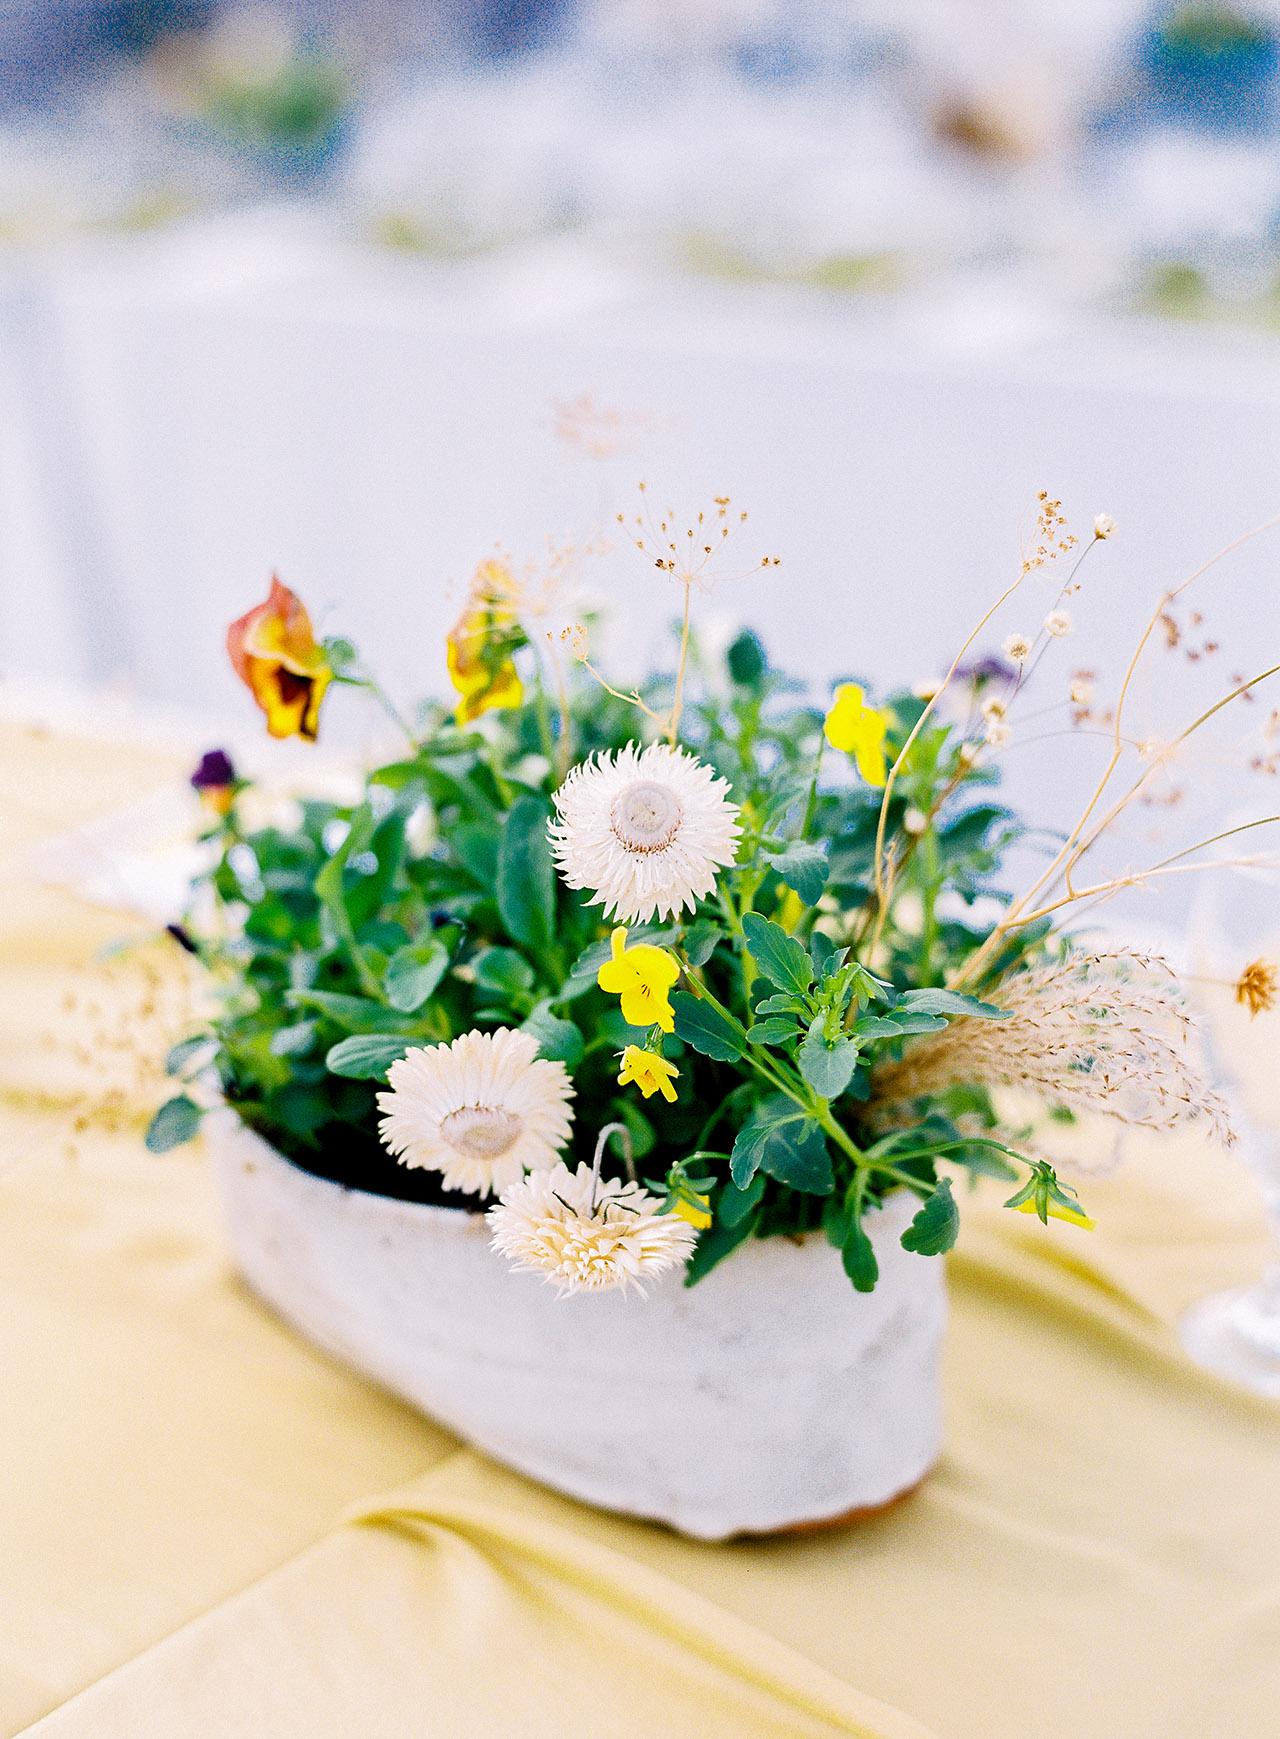 janelle stephen wedding centerpiece flowers